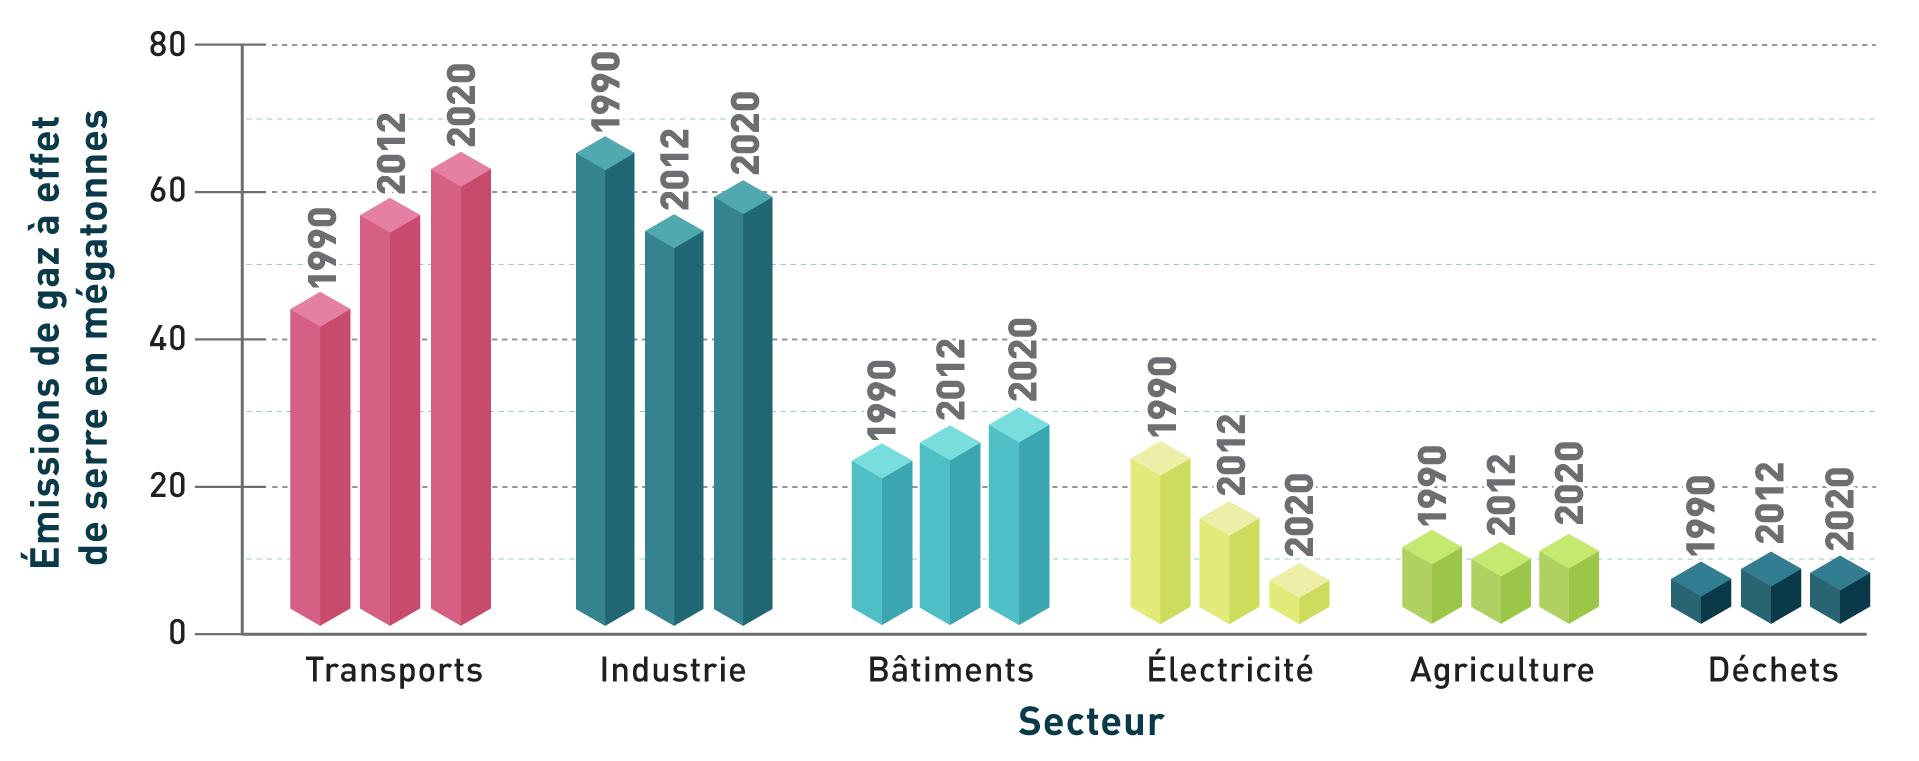 Ce graphique illustre les niveaux d'émissions de gaz à effet de serre pour chaque secteur de l'Ontario sur une période de 30 ans, avec une comparaison des données des années 1990 et 2012 par rapport aux émissions projetées pour l'année 2020. En ce qui concerne les secteurs des transports et des bâtiments, les niveaux d'émissions ont continué d'augmenter, tandis que le secteur de l'électricité affiche une diminution pour la même période. Les émissions du secteur des industries ont été les plus élevées en 1990, avec une diminution en 2012, suivies d'une légère augmentation projetée pour 2020. Les émissions des secteurs de l'agriculture et des déchets apparaissent stables de 1990 à 2020.